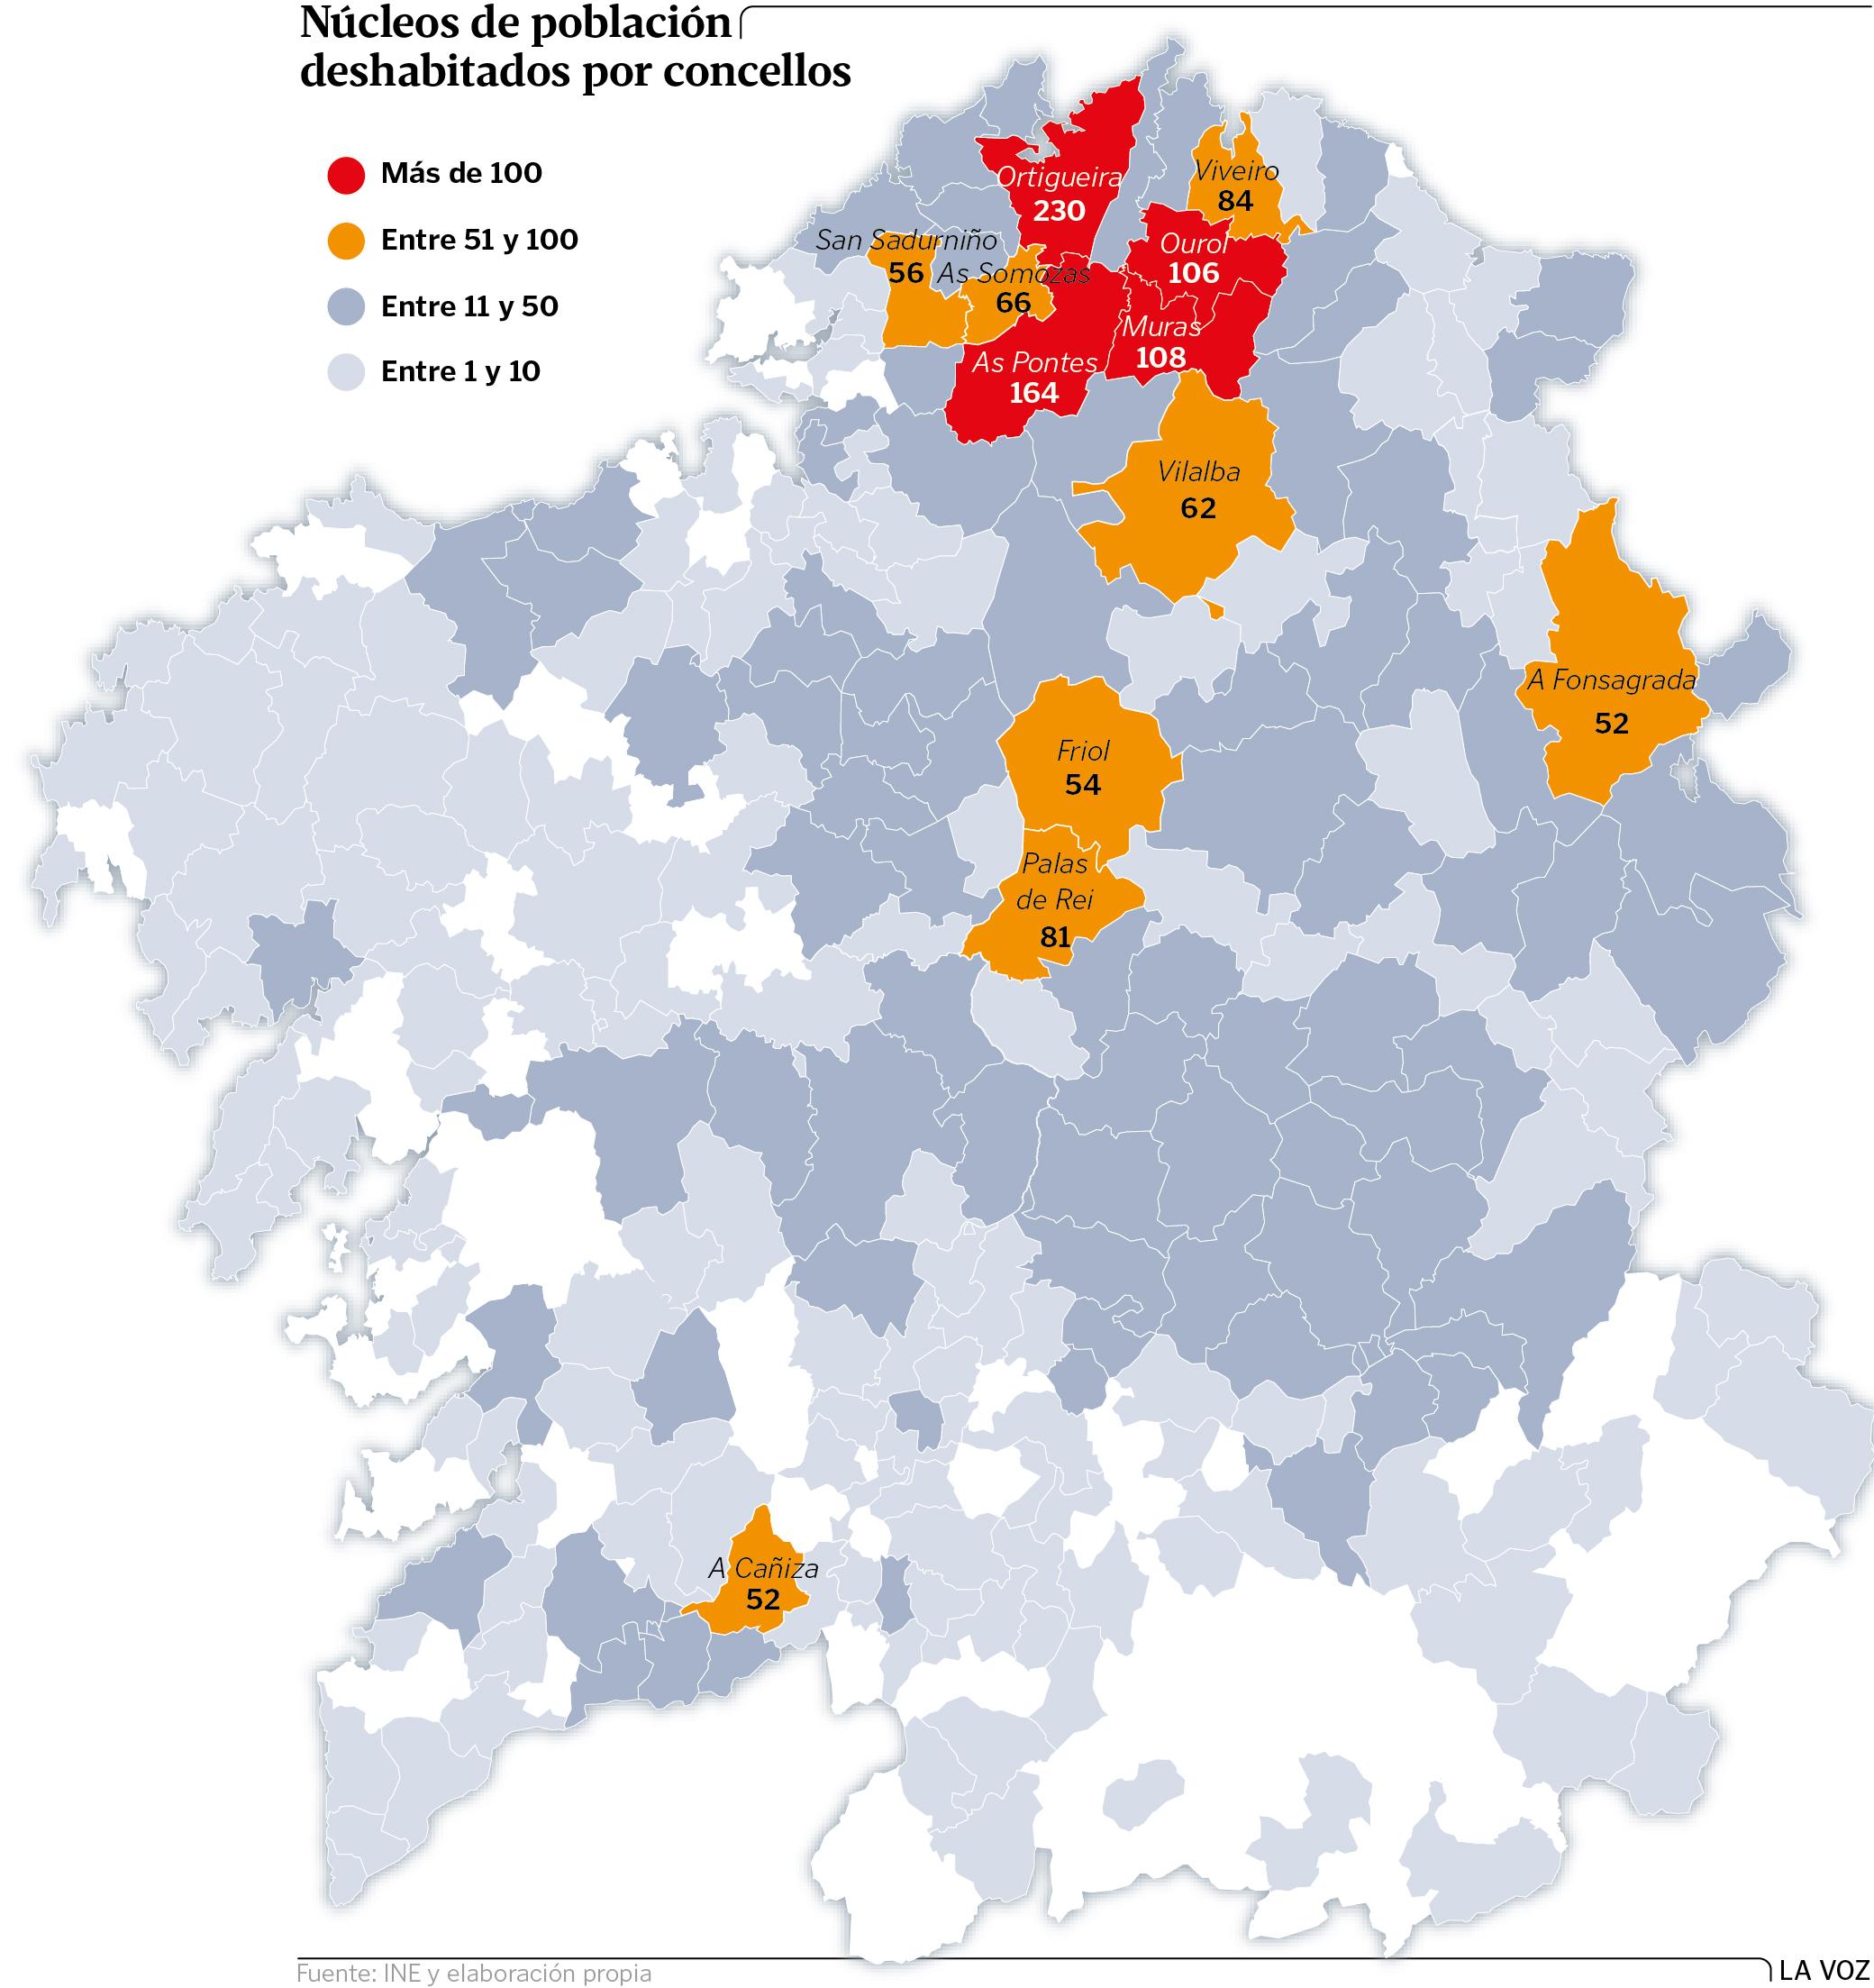 Galiza, demografía: Despoblamiento rural, más de 200.000 casas deshabitadas. - Página 3 4grafico